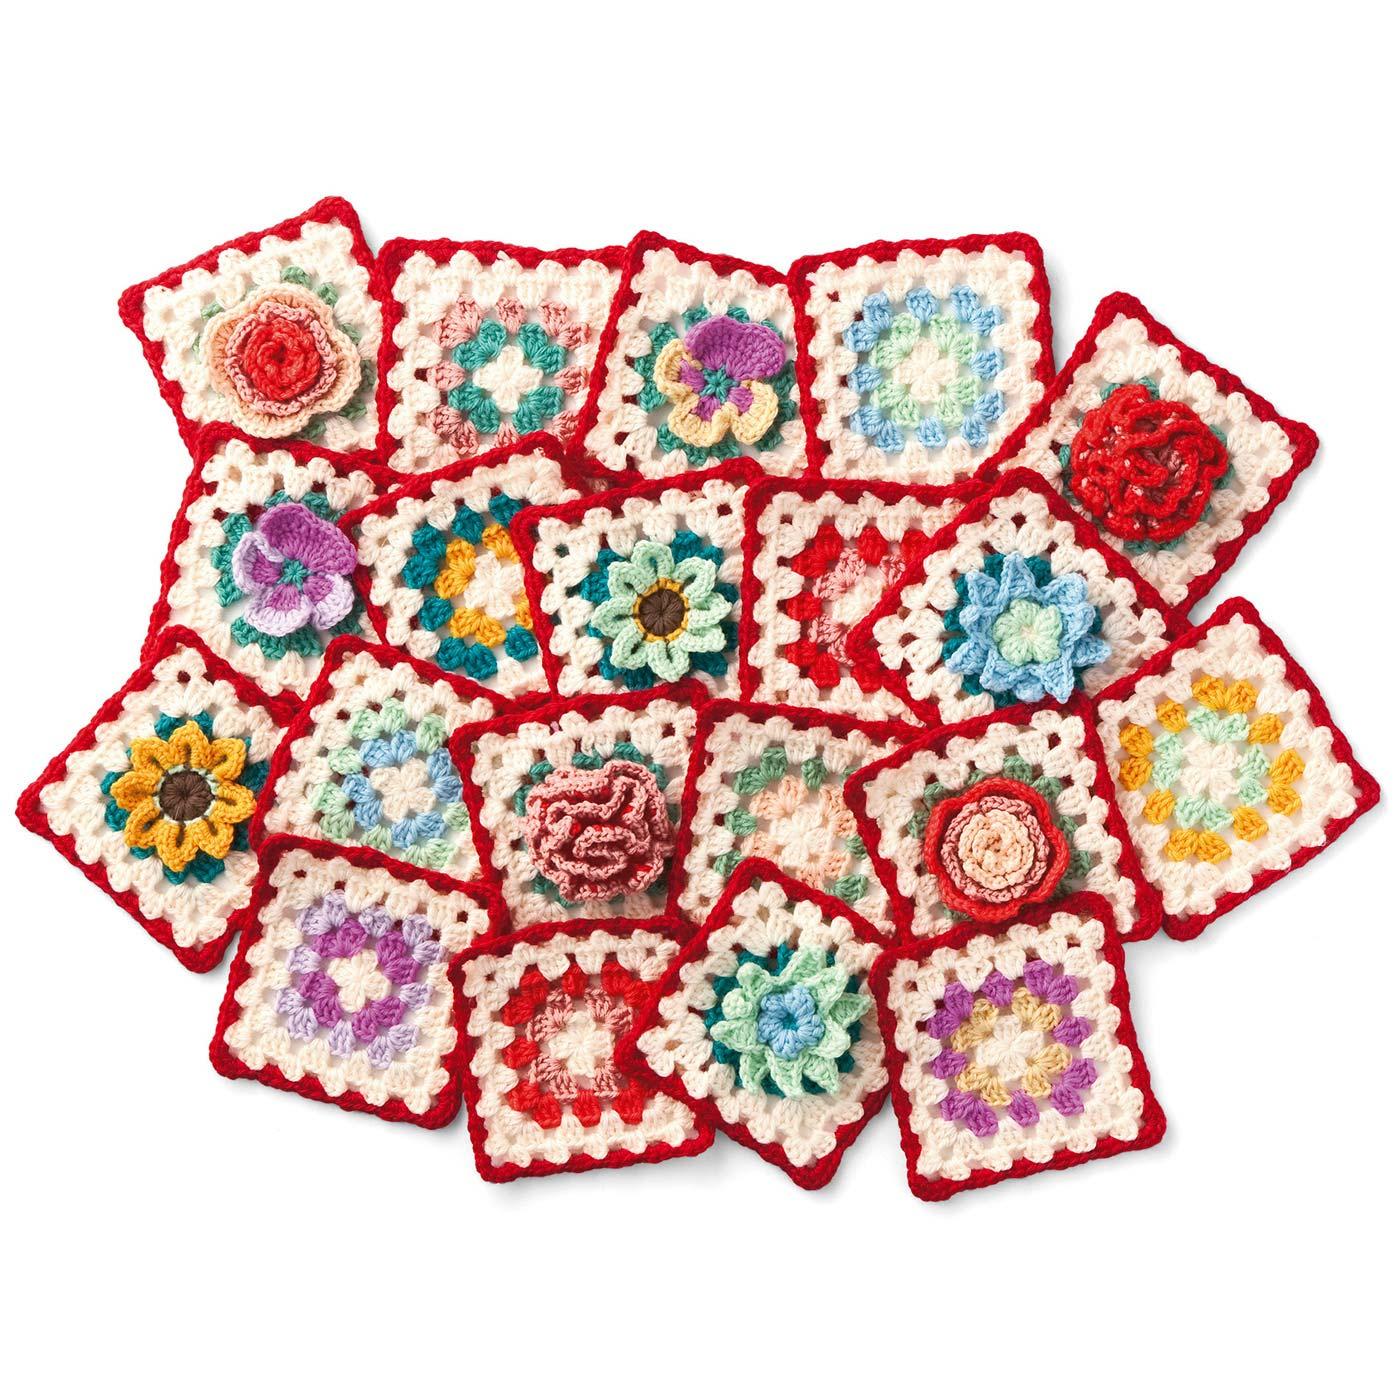 ゼラニウム、タチアオイ、ラナンキュラスなど、イングリッシュガーデンを思わせるお花が全12種類。